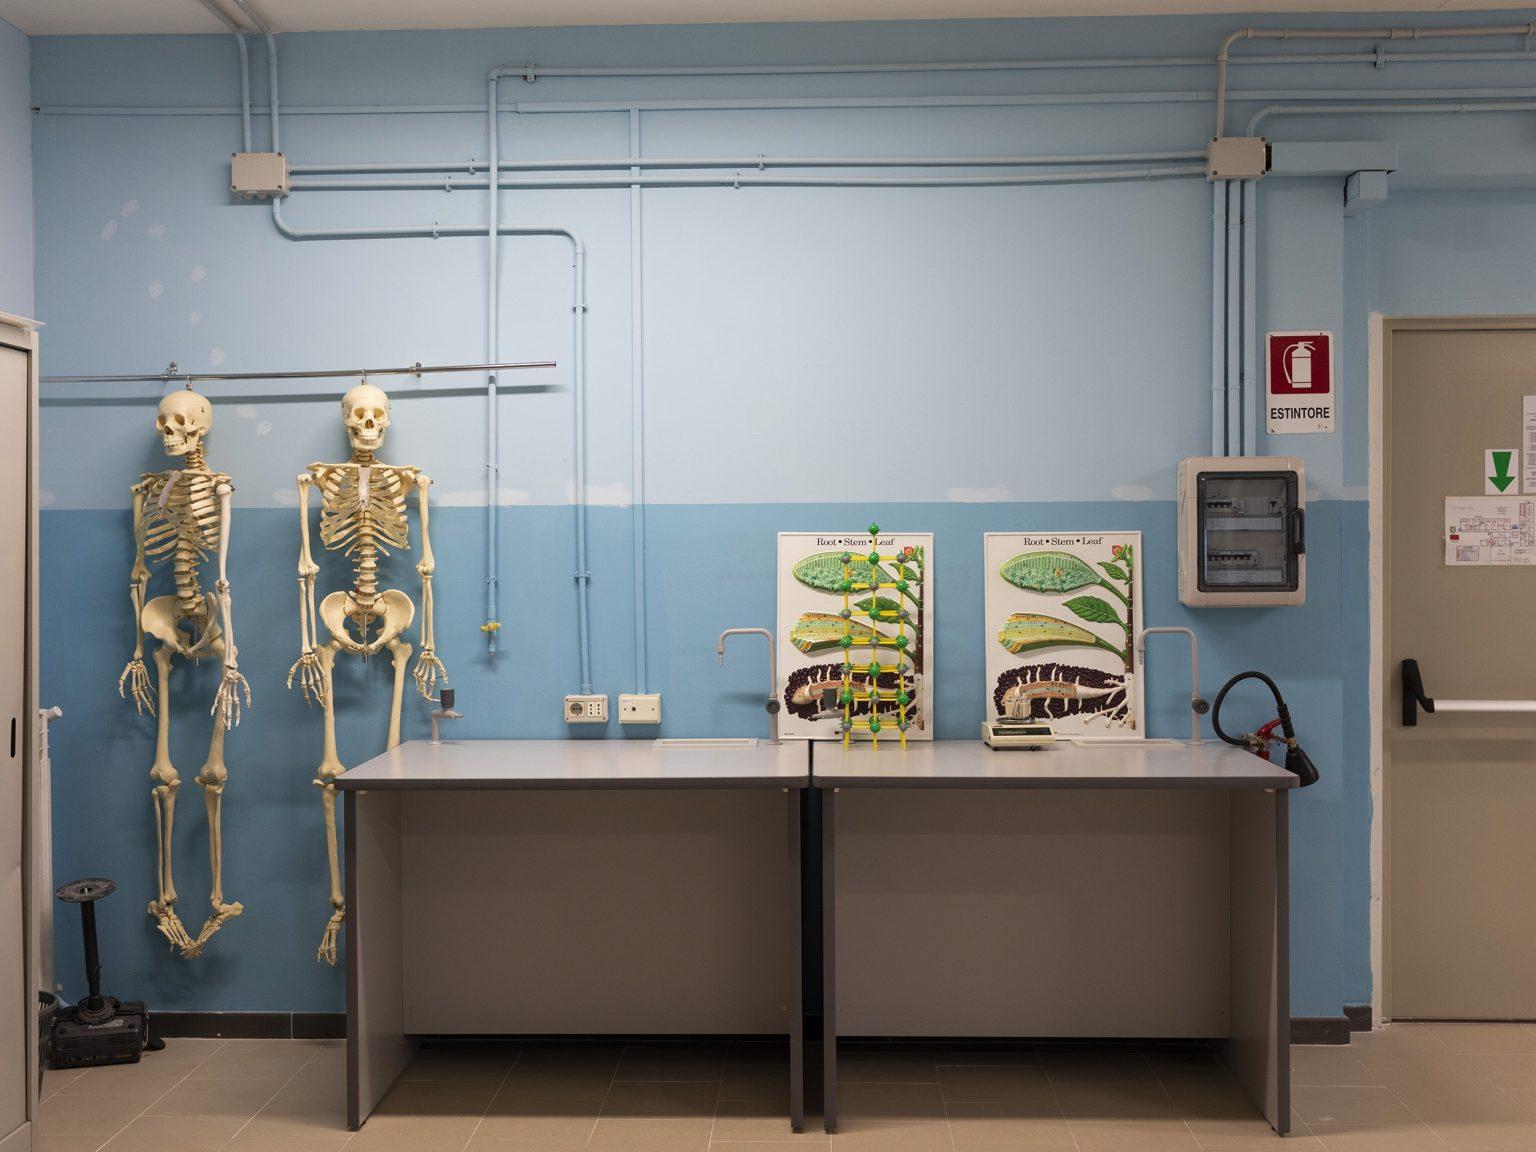 """Uno dei laboratori di biologia dell'Istituto Superiore """"F. Morano"""", a Napoli. La scuola si trova nei pressi di un'importnate piaz di spaccio.  One of the biology laboratories of the """"F. Morano"""" Higher Institute, in Naples. The school is located near an important drug-dealing area."""